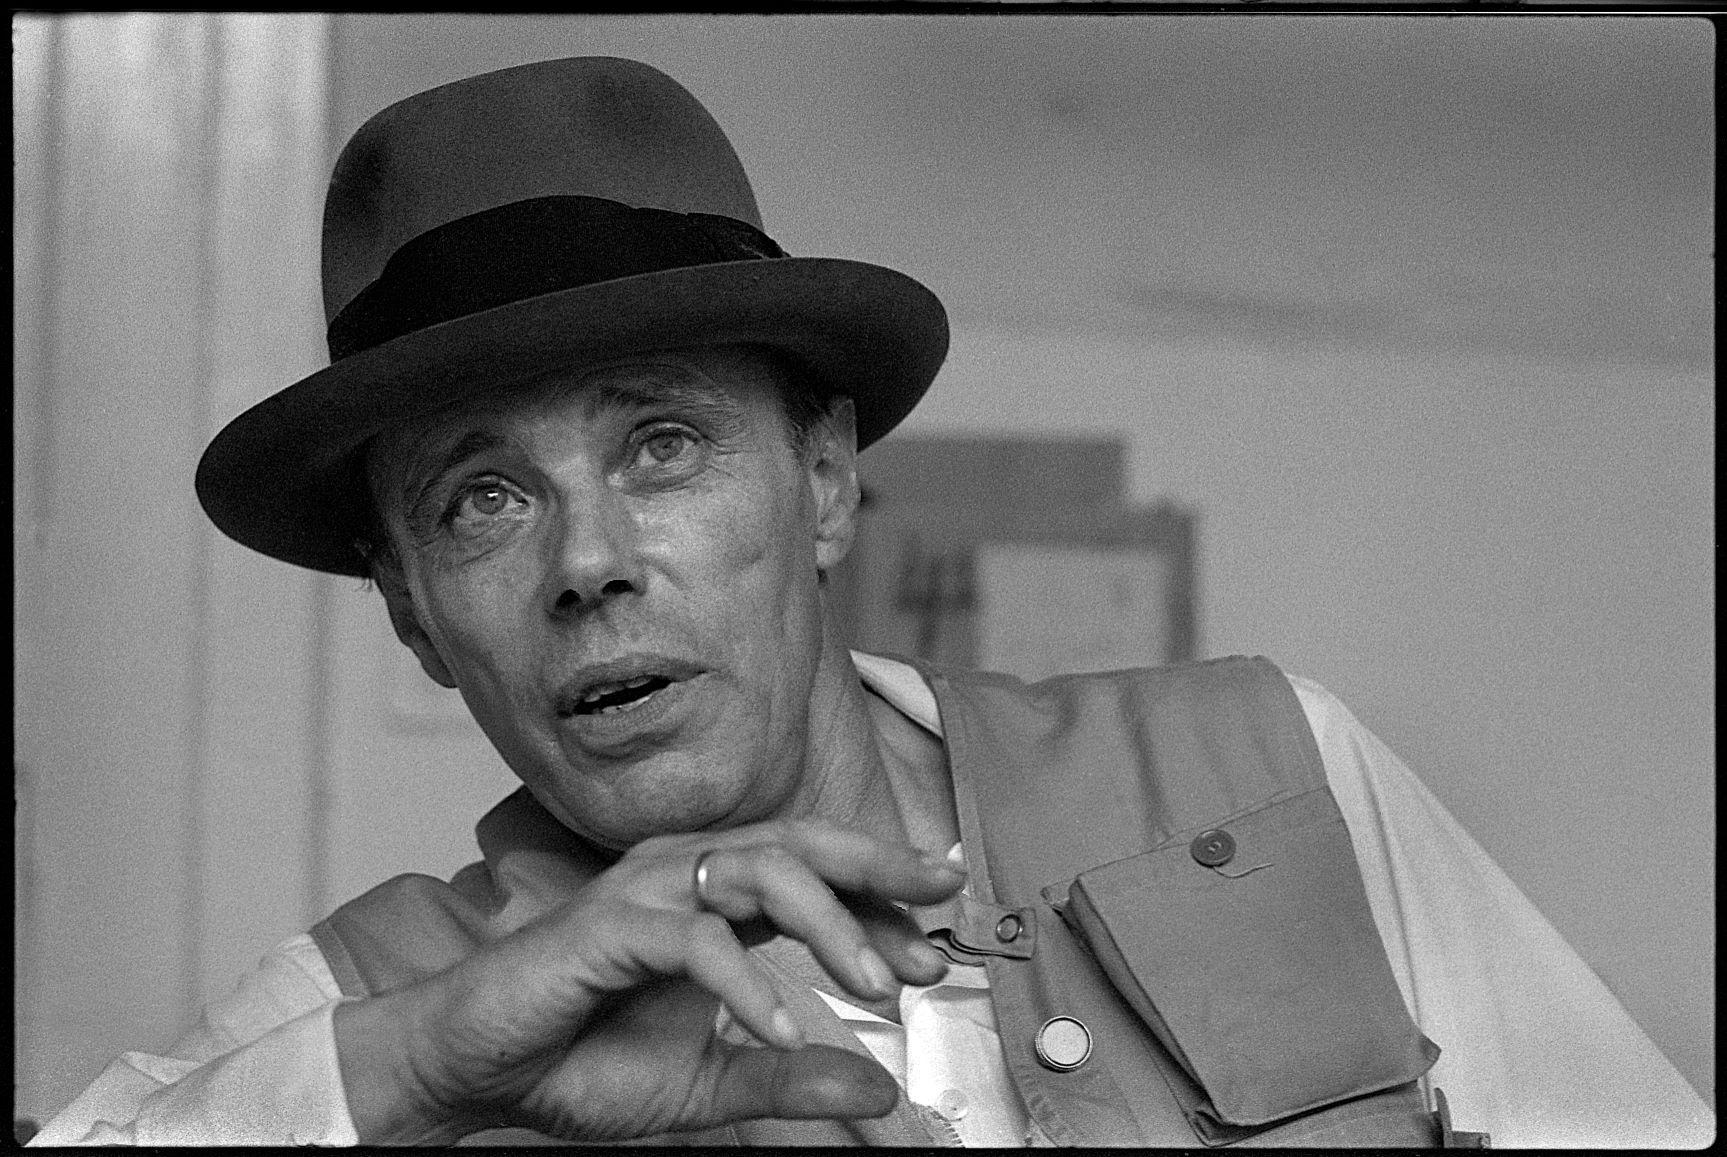 Brescia celebra Joseph Beuys a cento anni dalla sua nascita